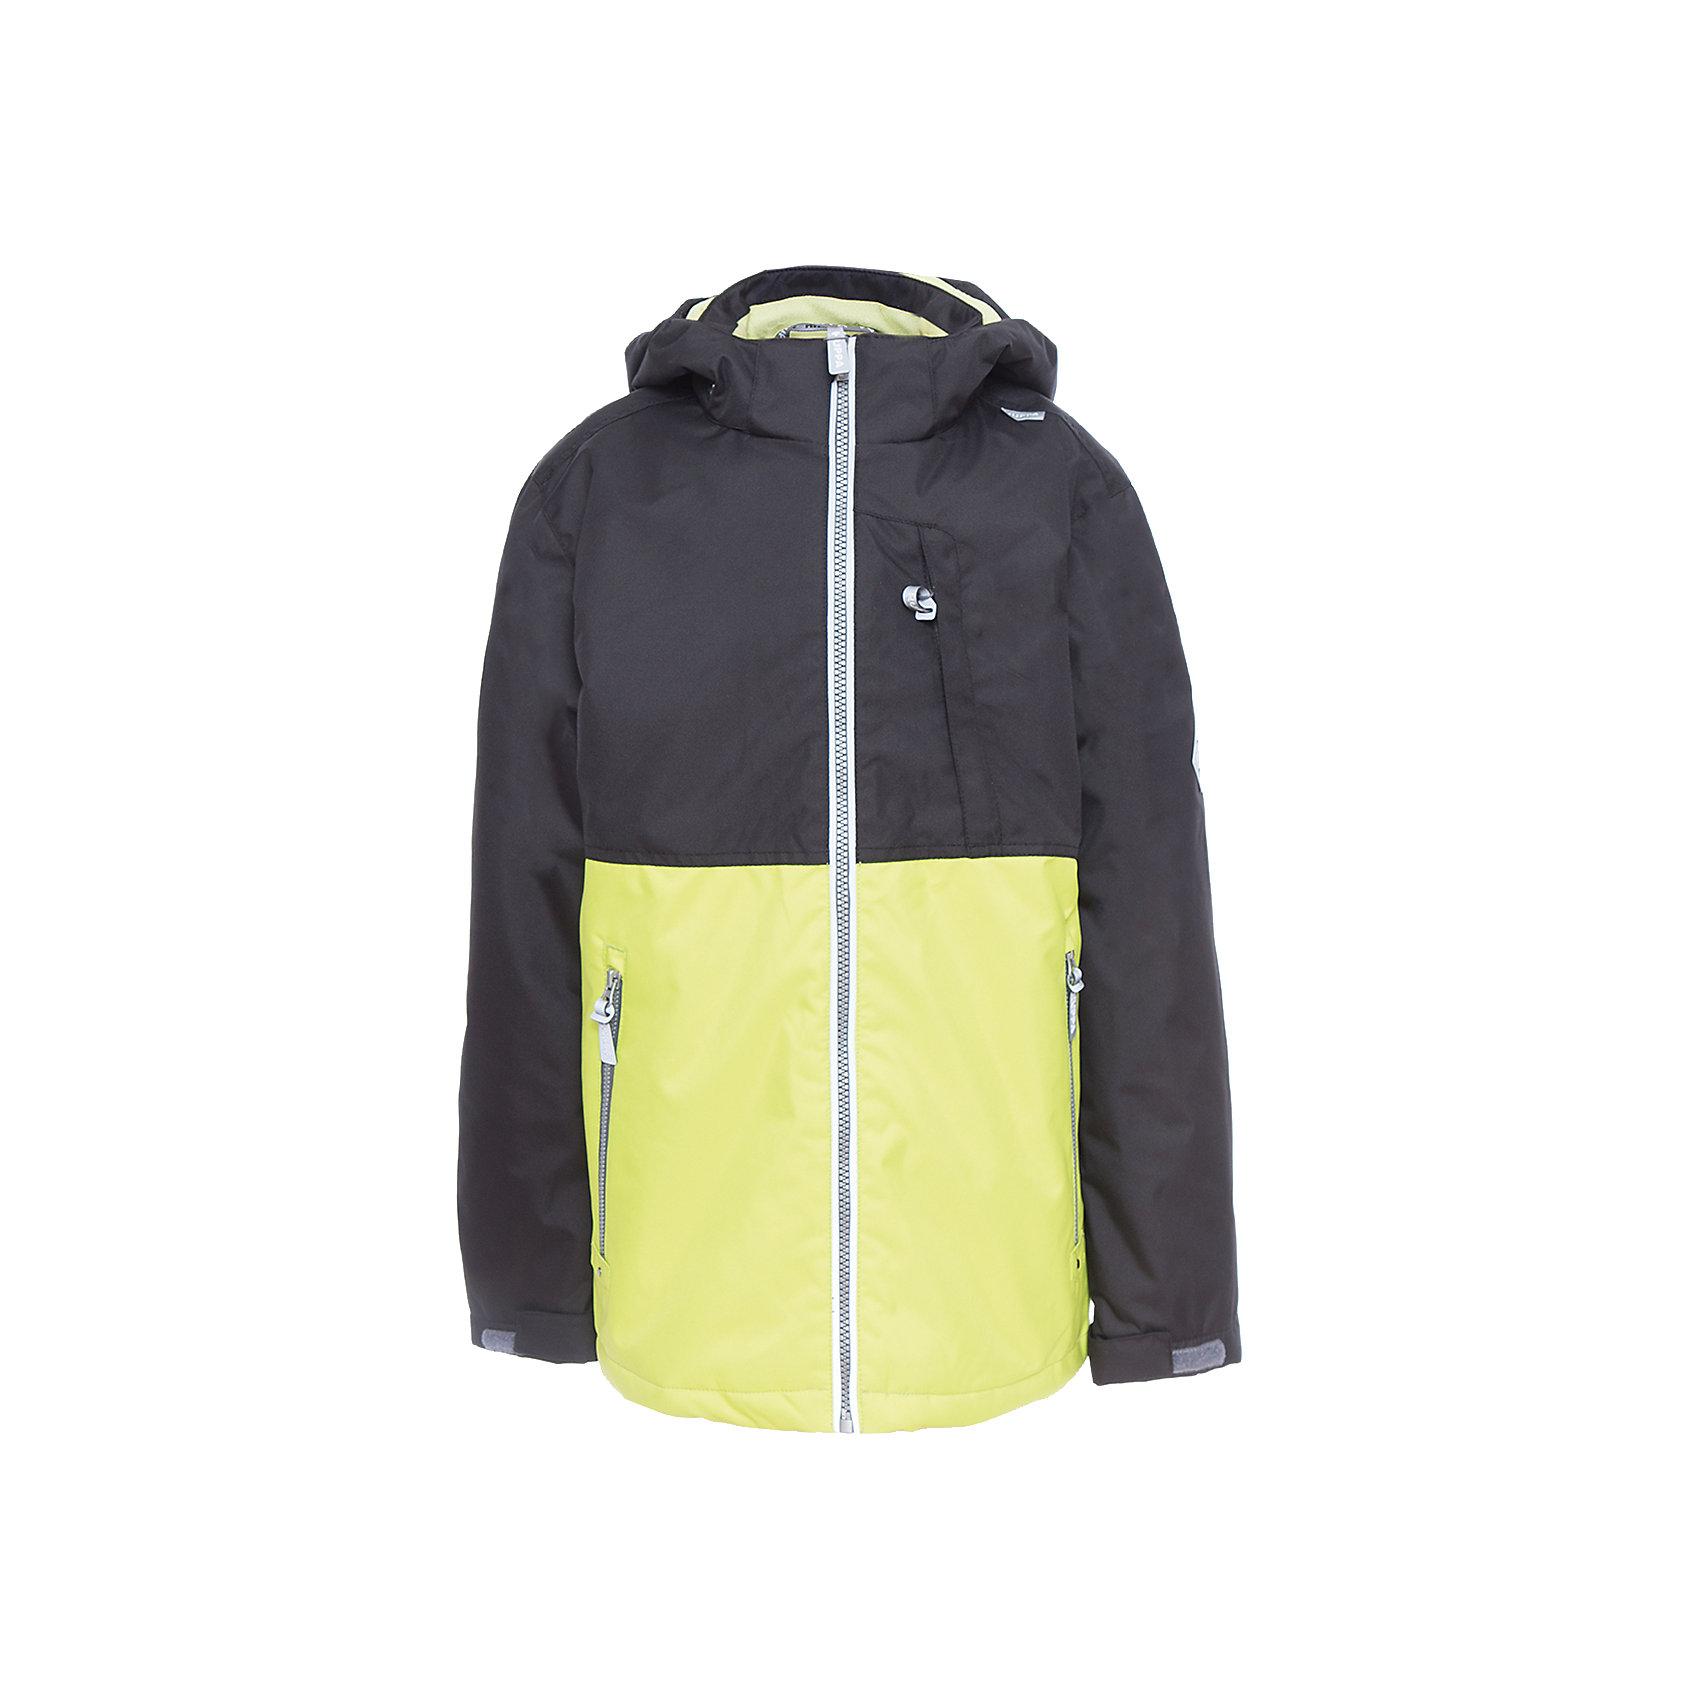 Куртка для мальчика TREVOR HuppaХарактеристики товара:<br><br>• цвет: чёрный/лайм<br>• ткань: 100% полиэстер<br>• подкладка: тафта - 100% полиэстер<br>• утеплитель: 100% полиэстер 100 г<br>• температурный режим: от -5°С до +10°С<br>• водонепроницаемость: 10000 мм<br>• воздухопроницаемость: 10000 мм<br>• светоотражающие детали<br>• эластичные манжеты<br>• проклеенные швы<br>• карманы на молнии<br>• эластичный шнур + фиксатор<br>• съёмный капюшон с резинкой<br>• регулируемые манжеты<br>• комфортная посадка<br>• коллекция: весна-лето 2017<br>• страна бренда: Эстония<br><br>Эта стильная куртка обеспечит детям тепло и комфорт. Она сделана из материала, отталкивающего воду, и дополнено подкладкой с утеплителем, поэтому изделие идеально подходит для межсезонья. Материал изделия - с мембранной технологией: защищая от влаги и ветра, он легко выводит лишнюю влагу наружу. Для удобства сделан капюшон. Куртка очень симпатично смотрится, яркая расцветка и крой добавляют ему оригинальности. Модель была разработана специально для детей.<br><br>Одежда и обувь от популярного эстонского бренда Huppa - отличный вариант одеть ребенка можно и комфортно. Вещи, выпускаемые компанией, качественные, продуманные и очень удобные. Для производства изделий используются только безопасные для детей материалы. Продукция от Huppa порадует и детей, и их родителей!<br><br>Куртку для мальчика TREVOR от бренда Huppa (Хуппа) можно купить в нашем интернет-магазине.<br><br>Ширина мм: 356<br>Глубина мм: 10<br>Высота мм: 245<br>Вес г: 519<br>Цвет: зеленый<br>Возраст от месяцев: 132<br>Возраст до месяцев: 144<br>Пол: Мужской<br>Возраст: Детский<br>Размер: 134,152,116,104,110,122,128,140,146<br>SKU: 5347043